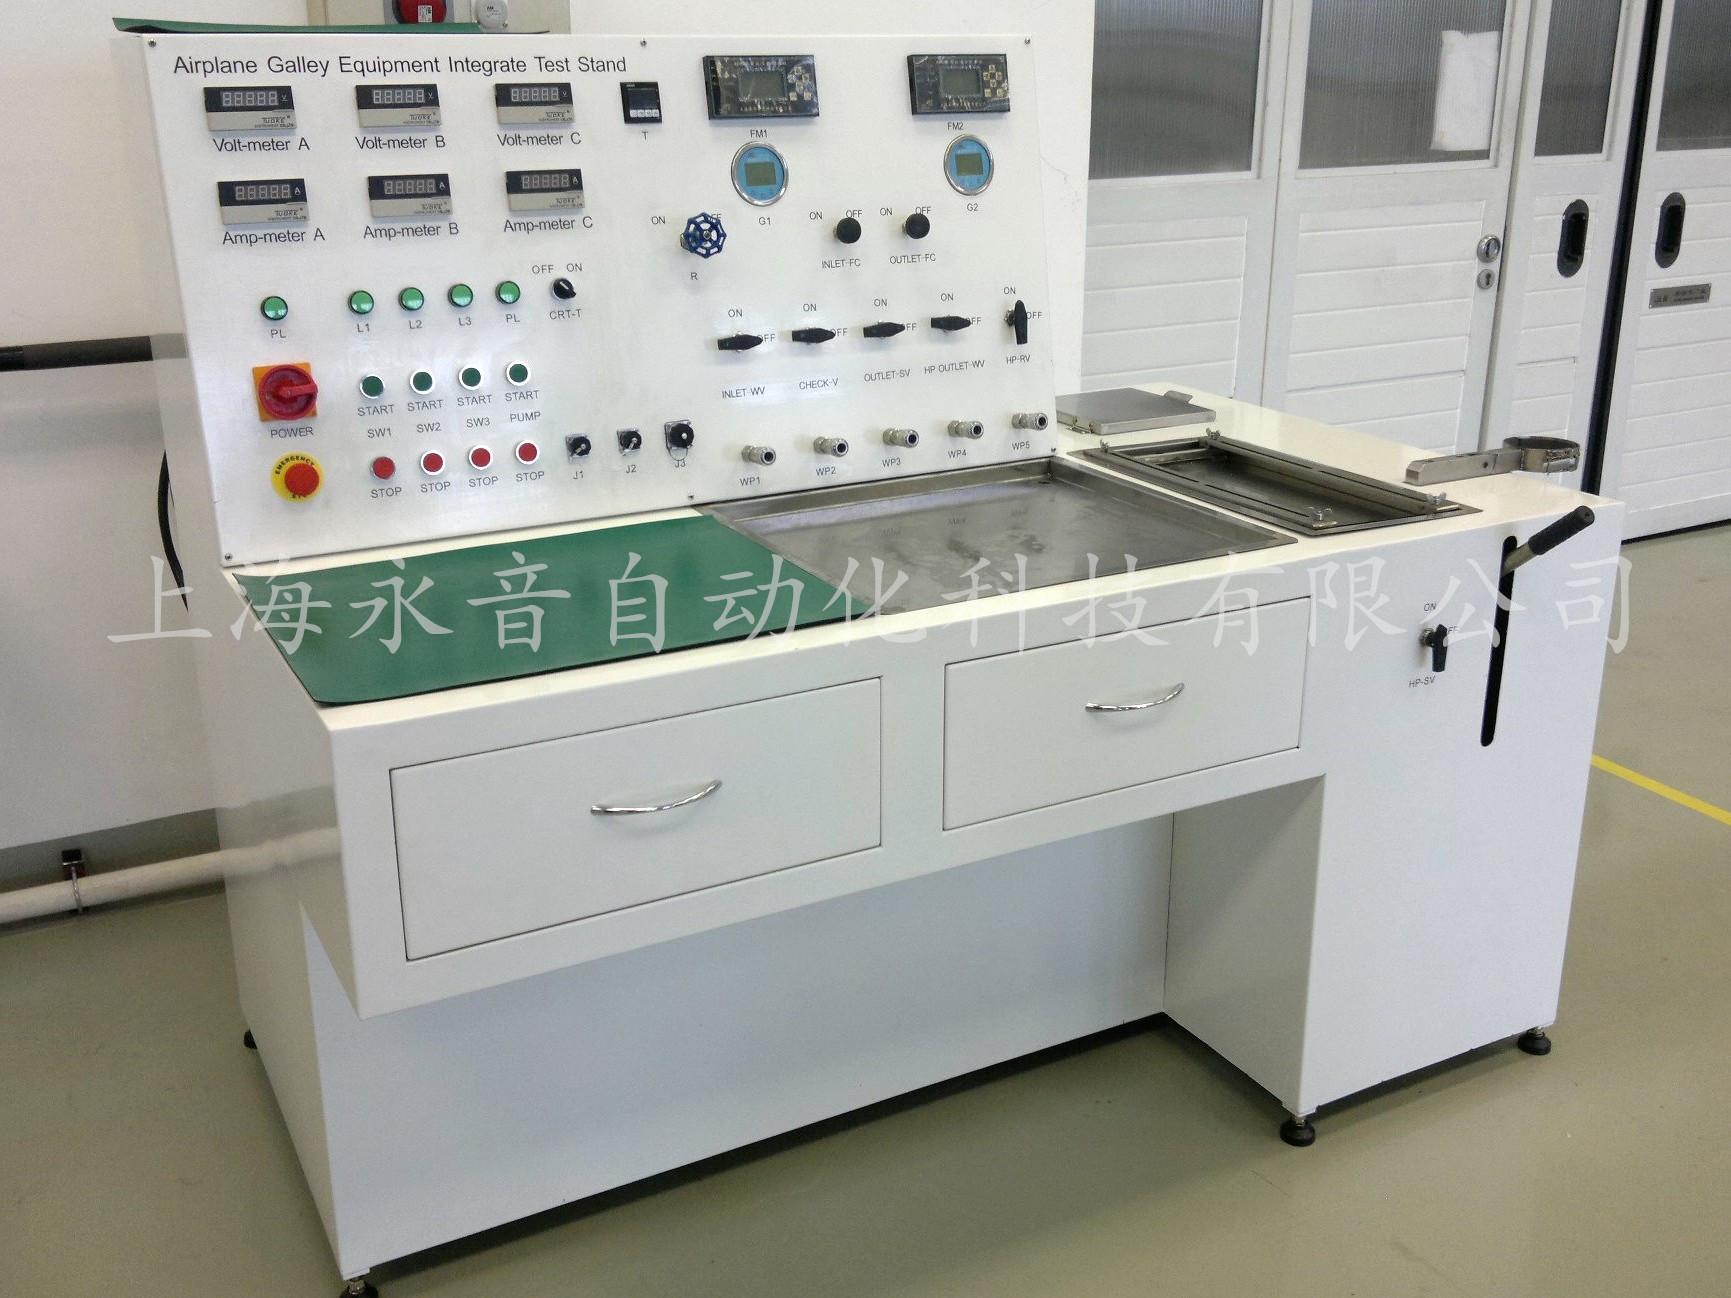 飞机厨房设备水电系统综合试验台